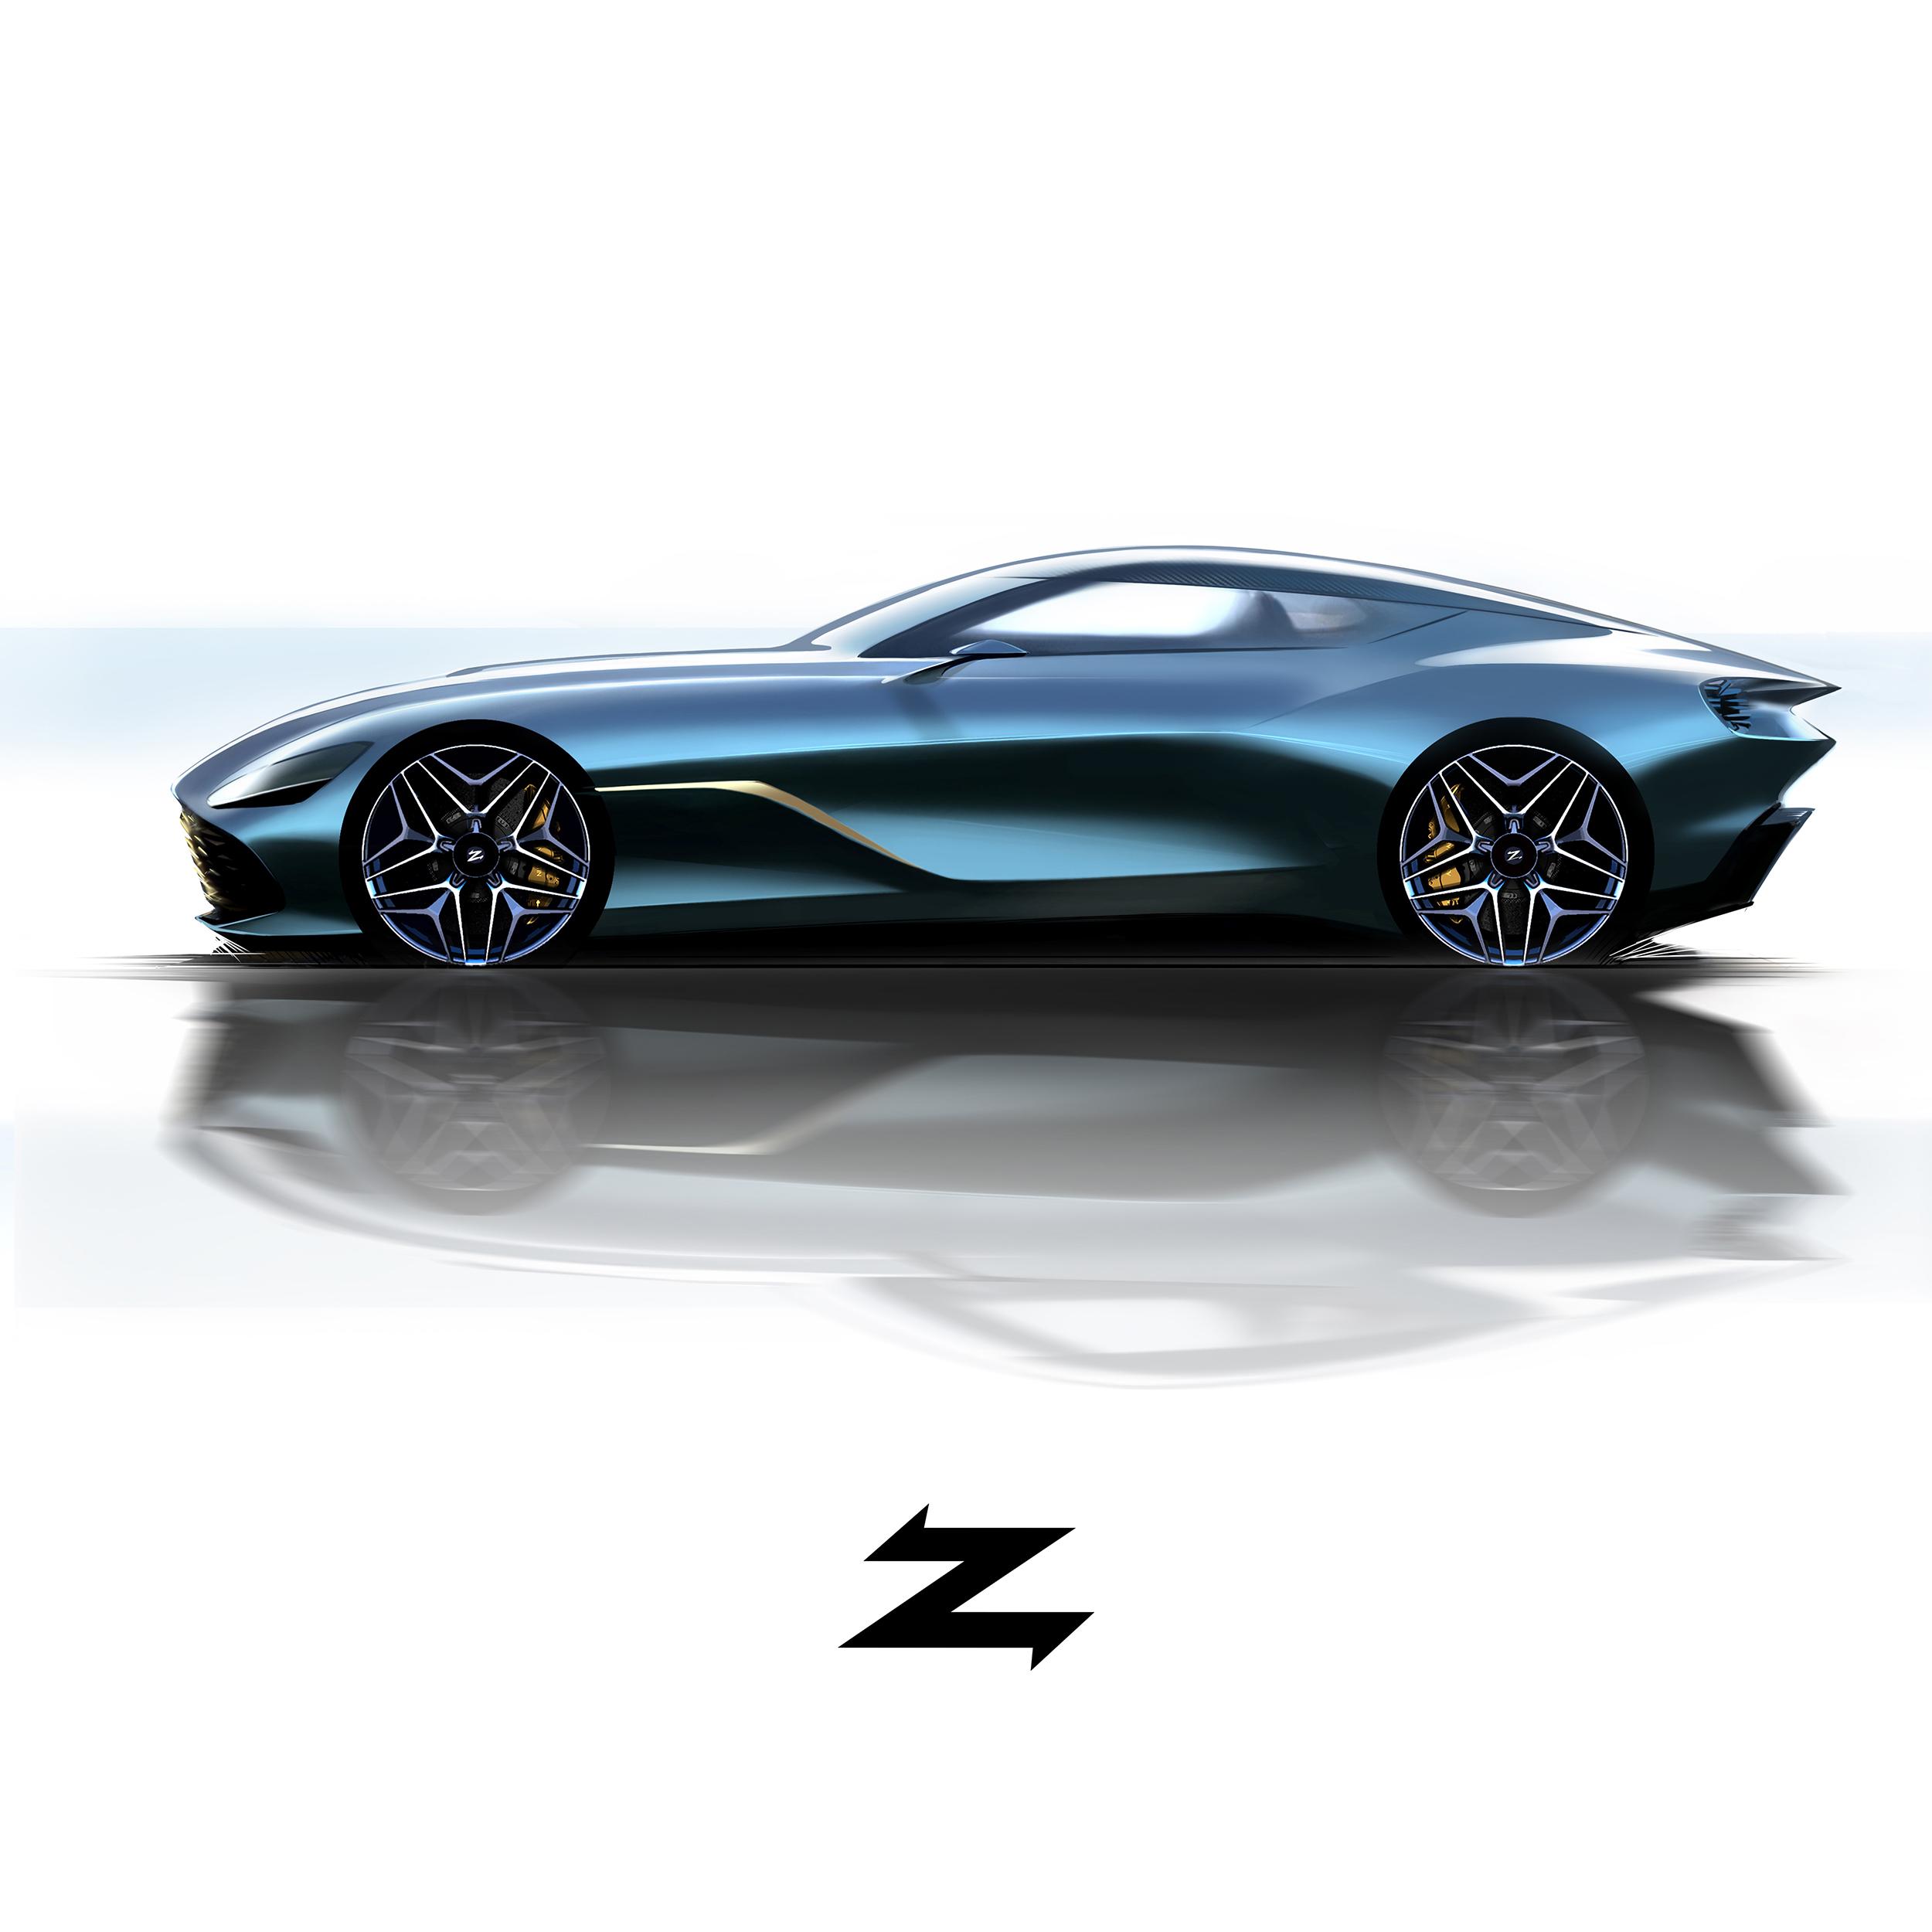 Aston Martin Sketch: 2020 Aston Martin DBS GT (Zagato)